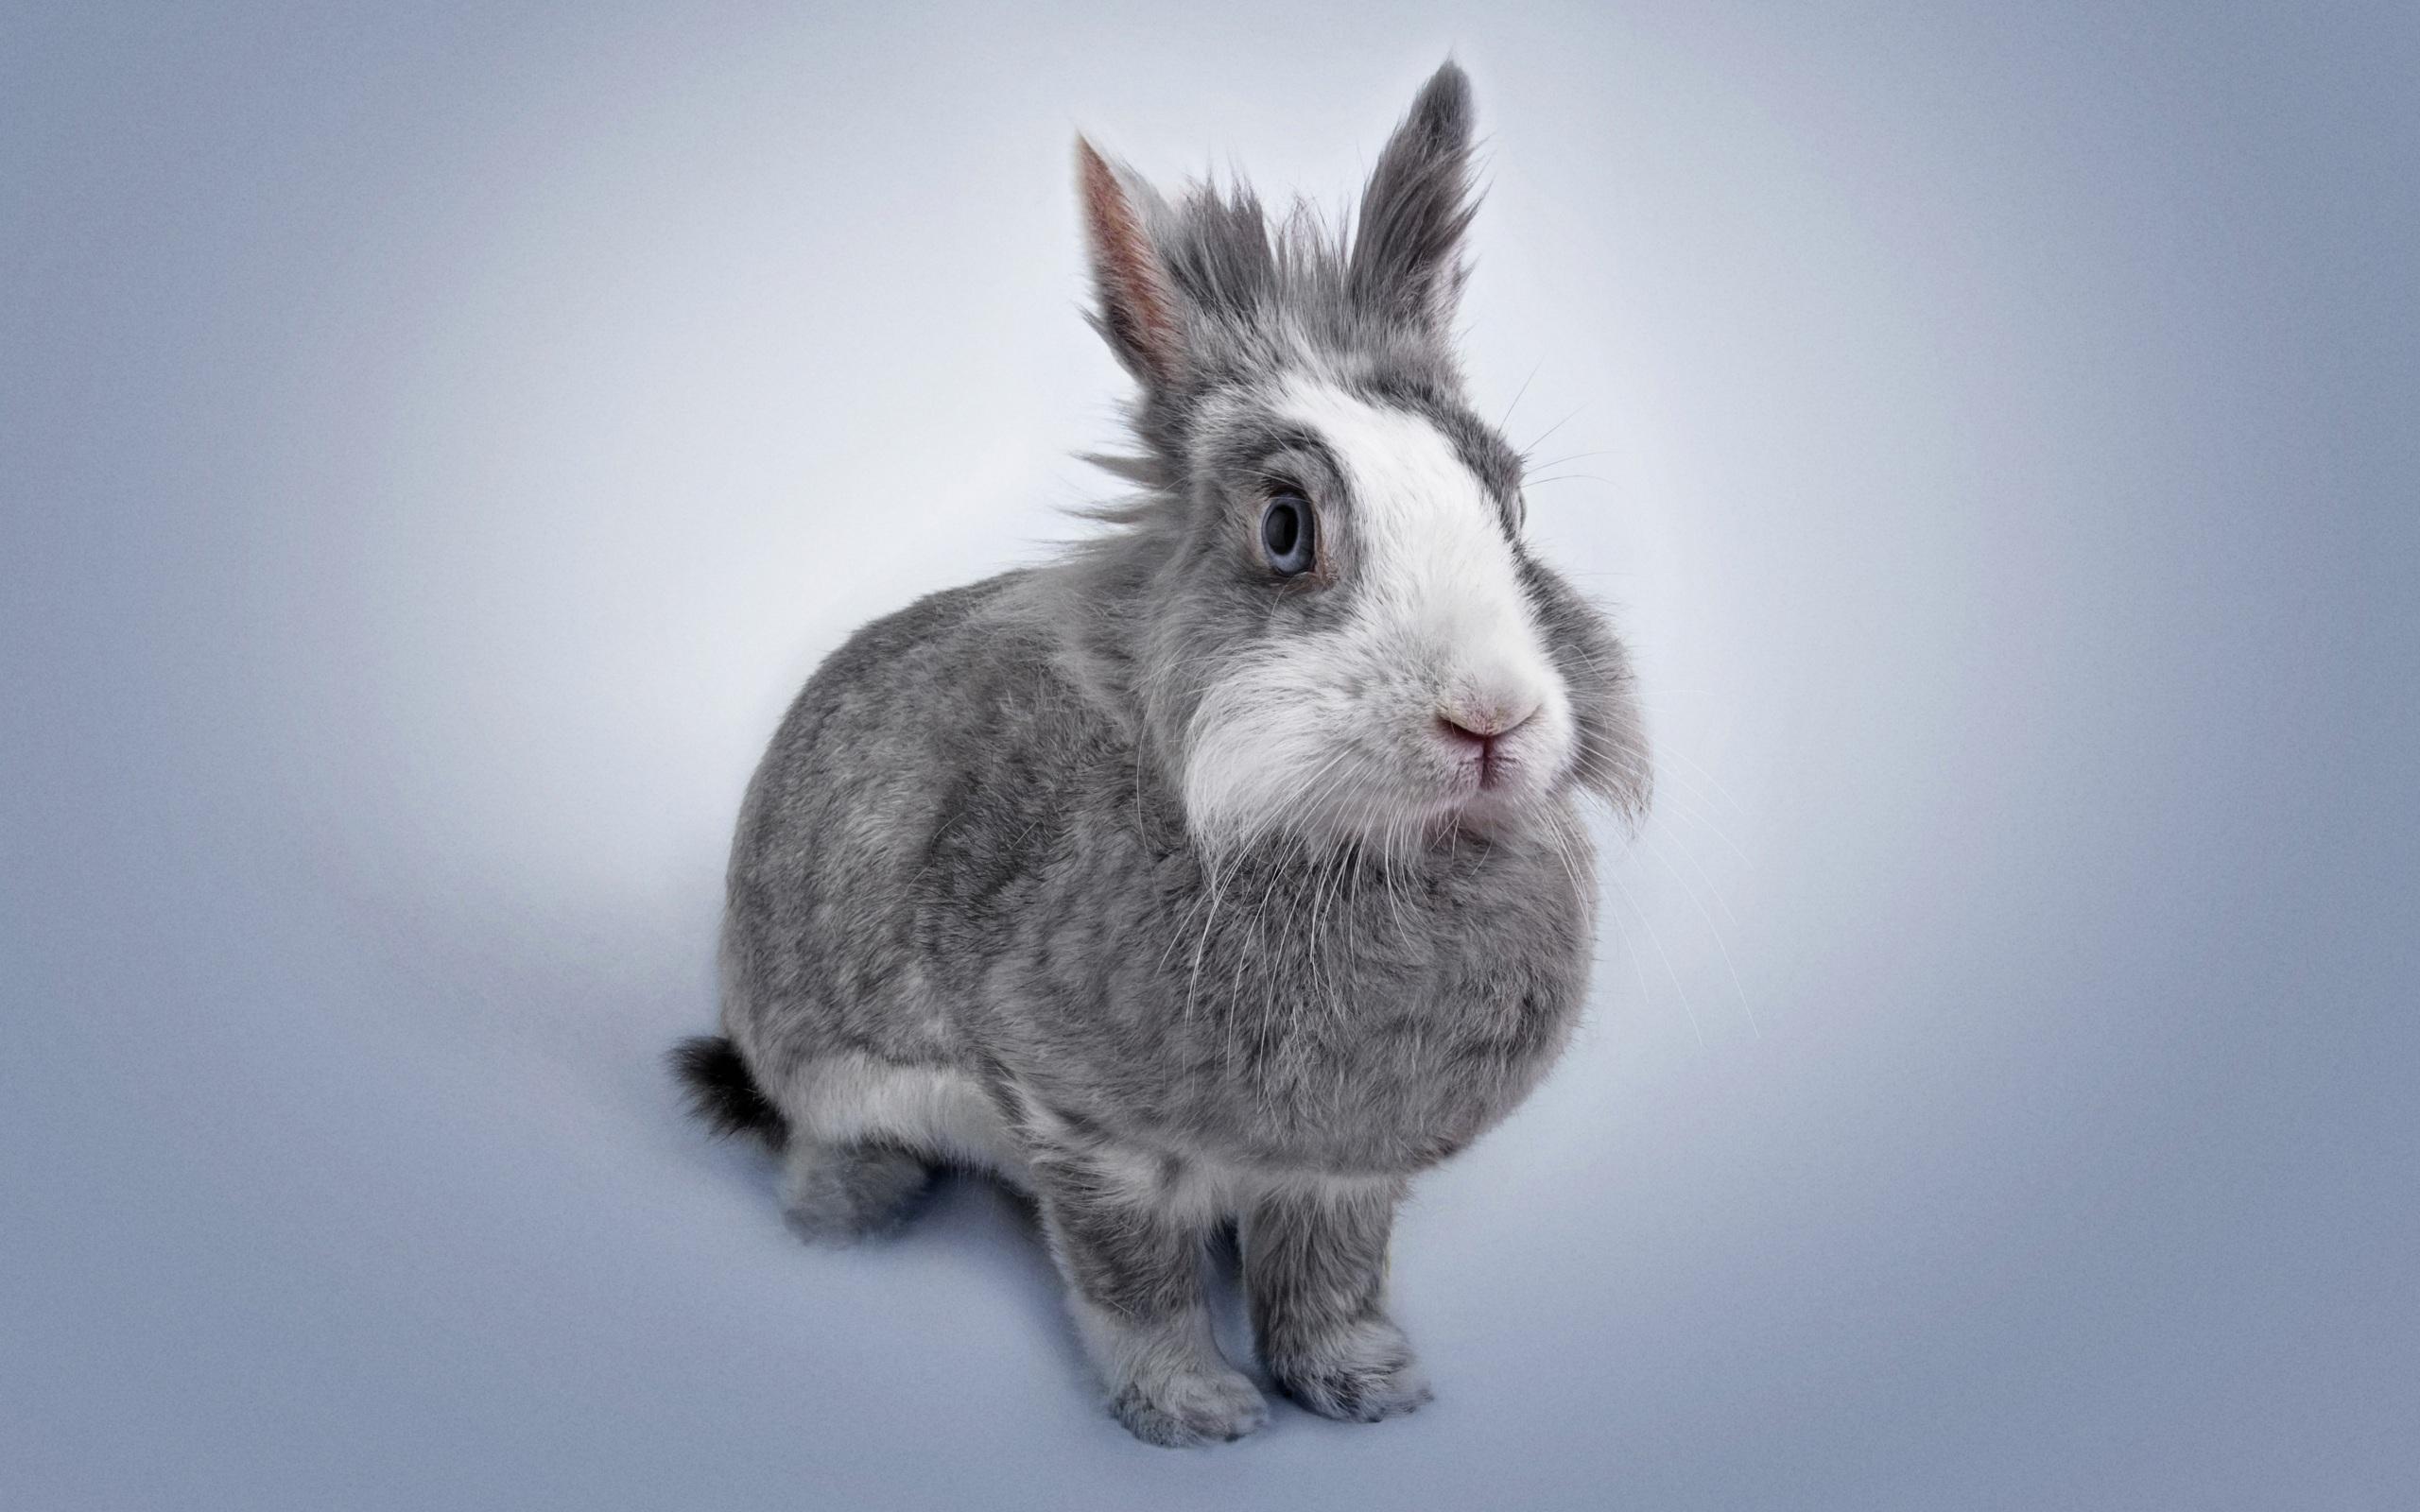 Bilder Kaninchen graue ein Tier 2560x1600 Grau graues Tiere